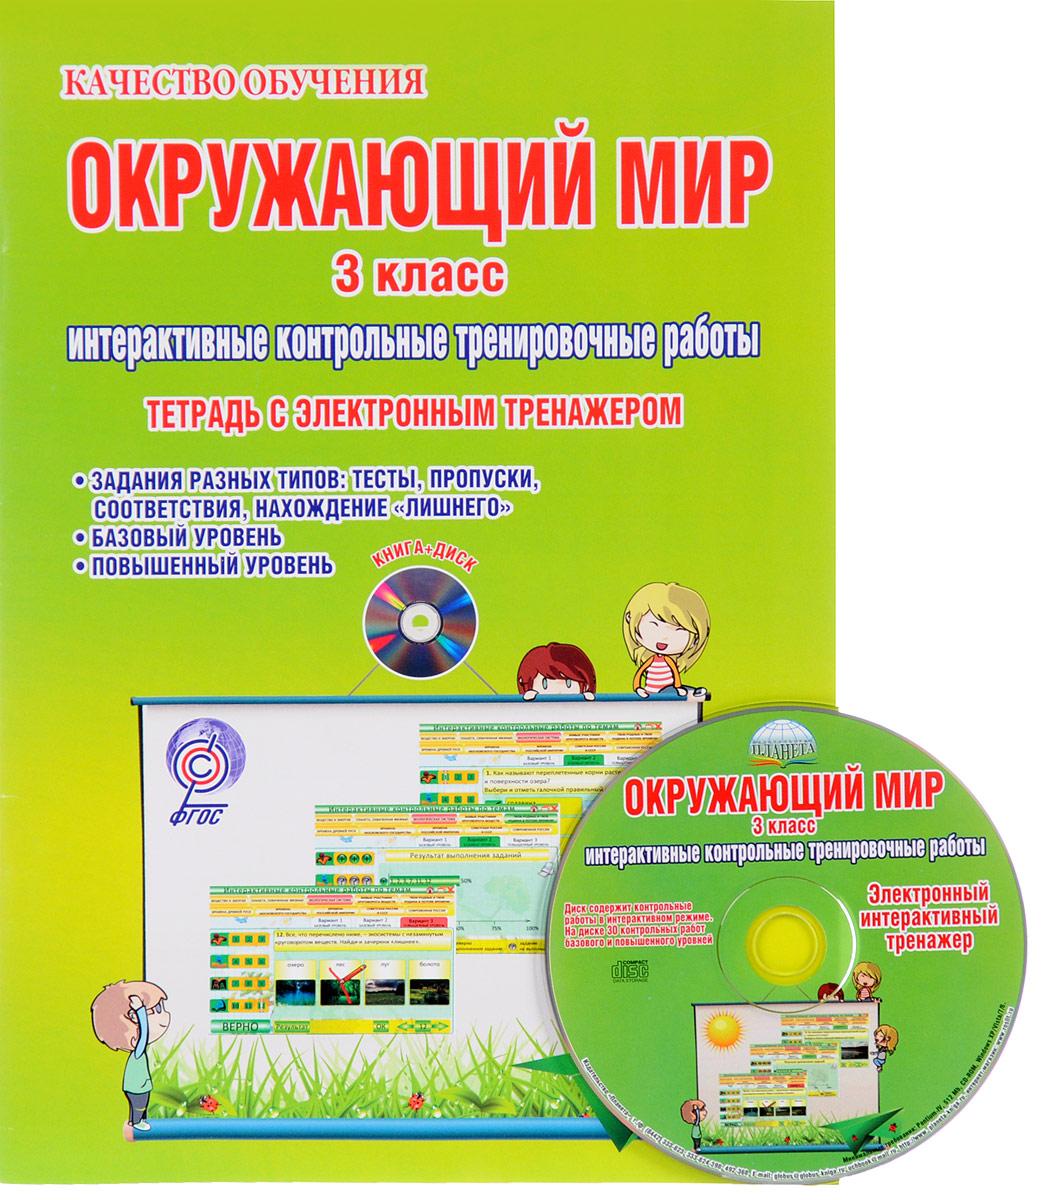 Окружающий мир. 3 класс. Интерактивные контрольные тренировочные работы. Тетрадь с электронным тренажером (+ CD)